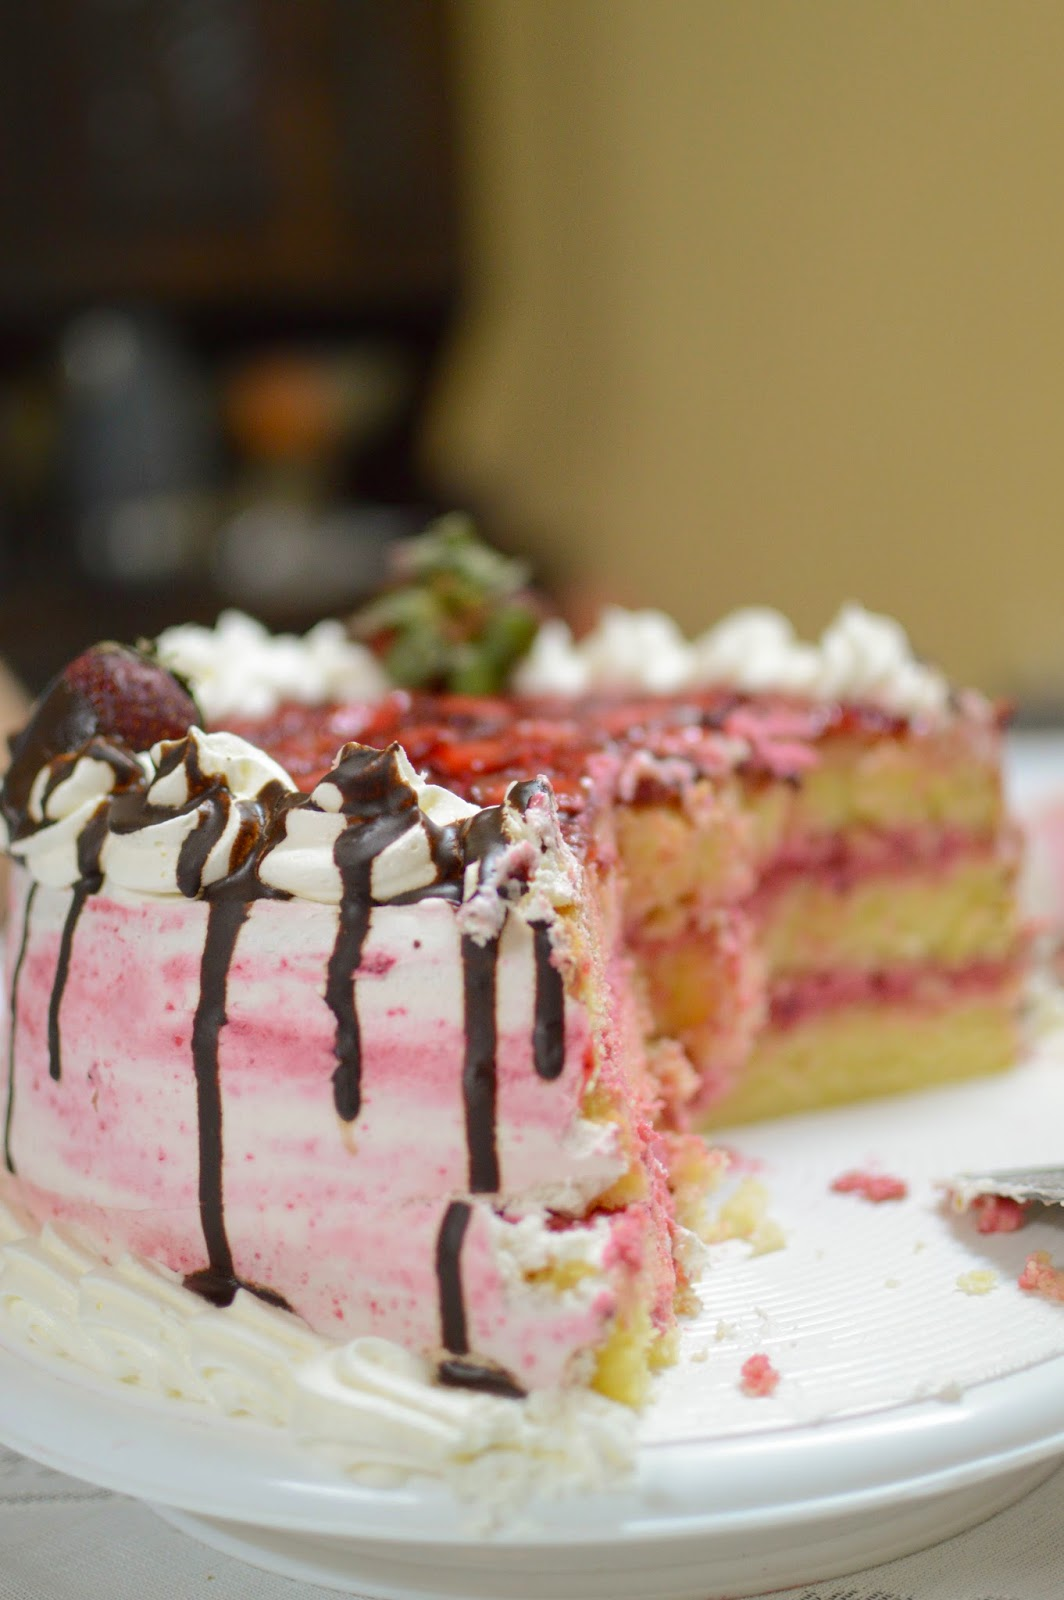 Baño Sencillo Para Tortas:ENDULZA TU ALMA: Torta de frutillas